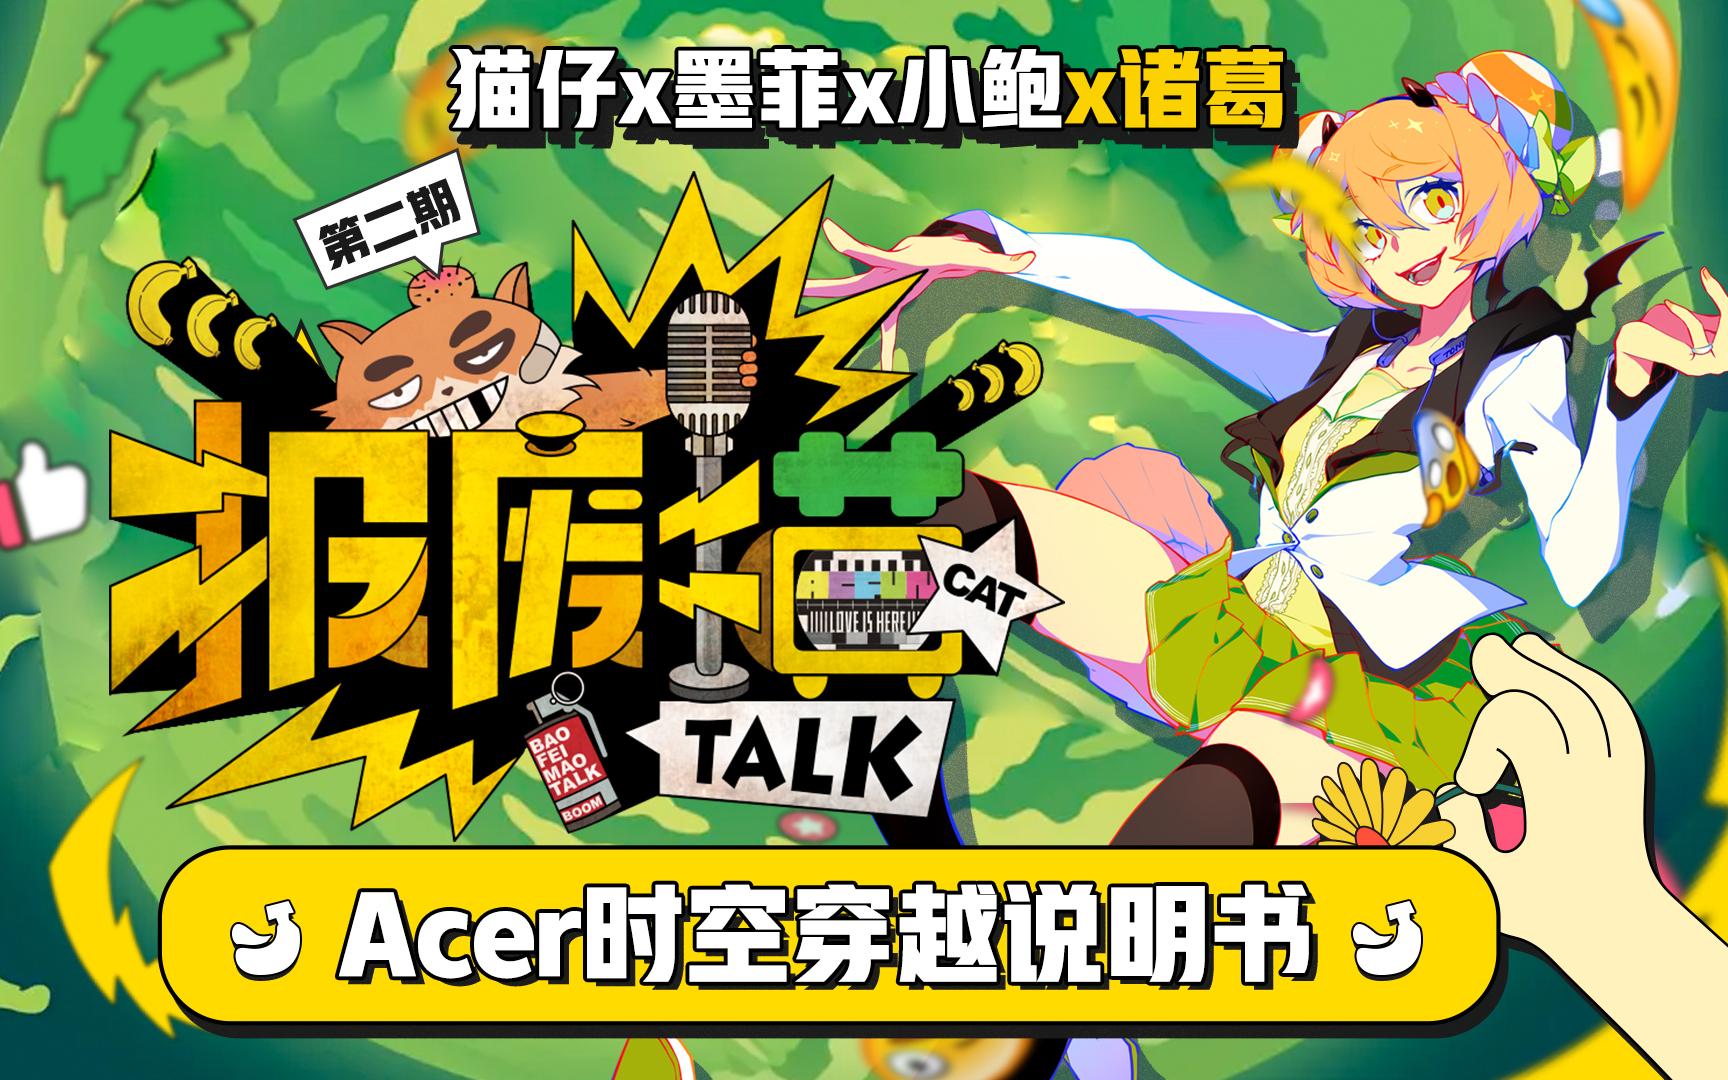 【报废猫TALK】第二期 Acer穿越说明书